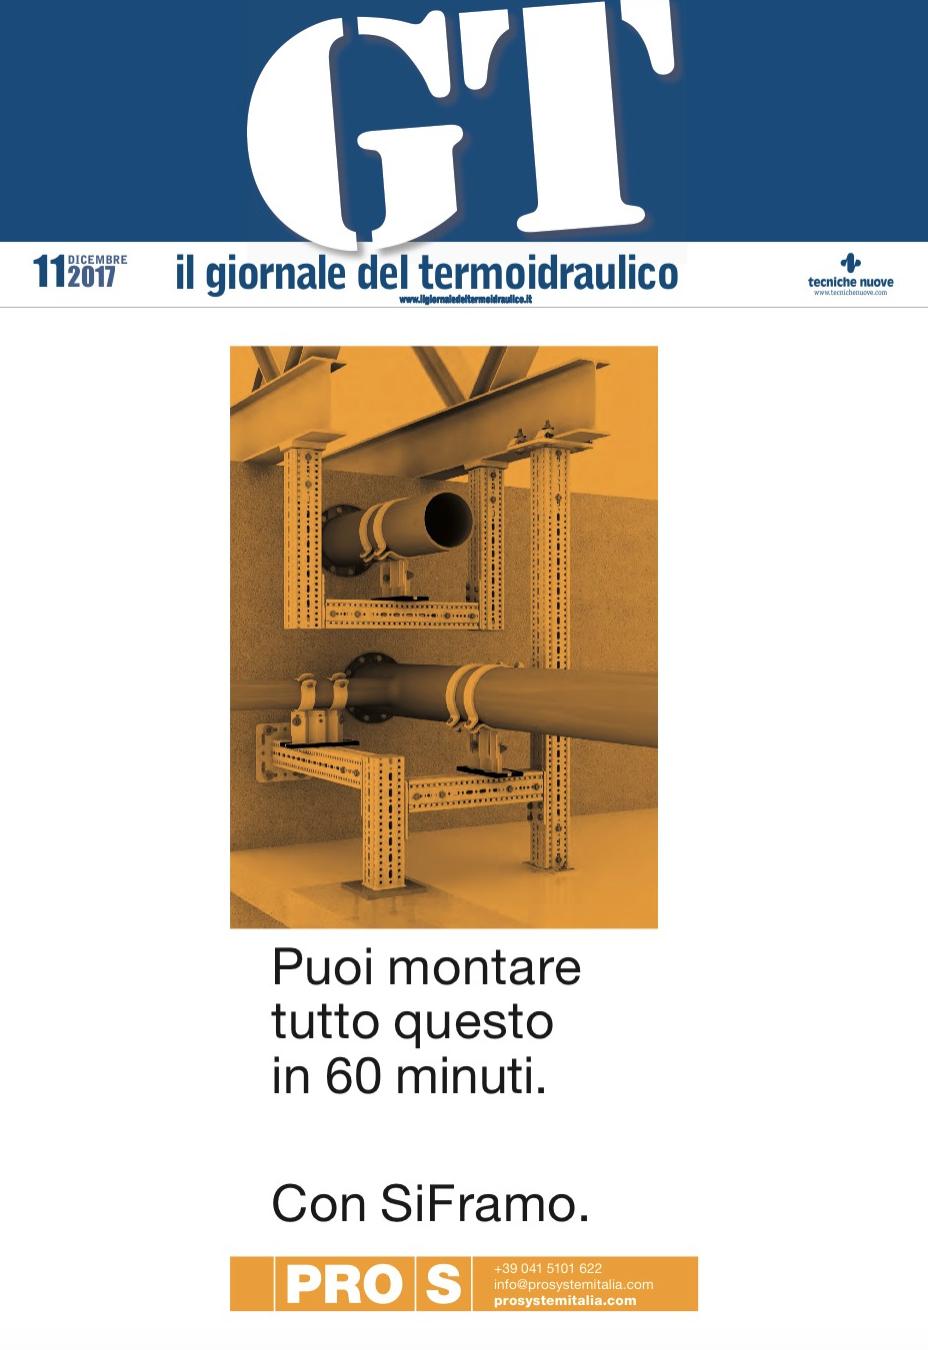 Schermata 2018 04 05 alle 11.08.45 - GT Il Giornale del Termoidraulico - Speciale innovazione - ThermoIgienica s.r.l.